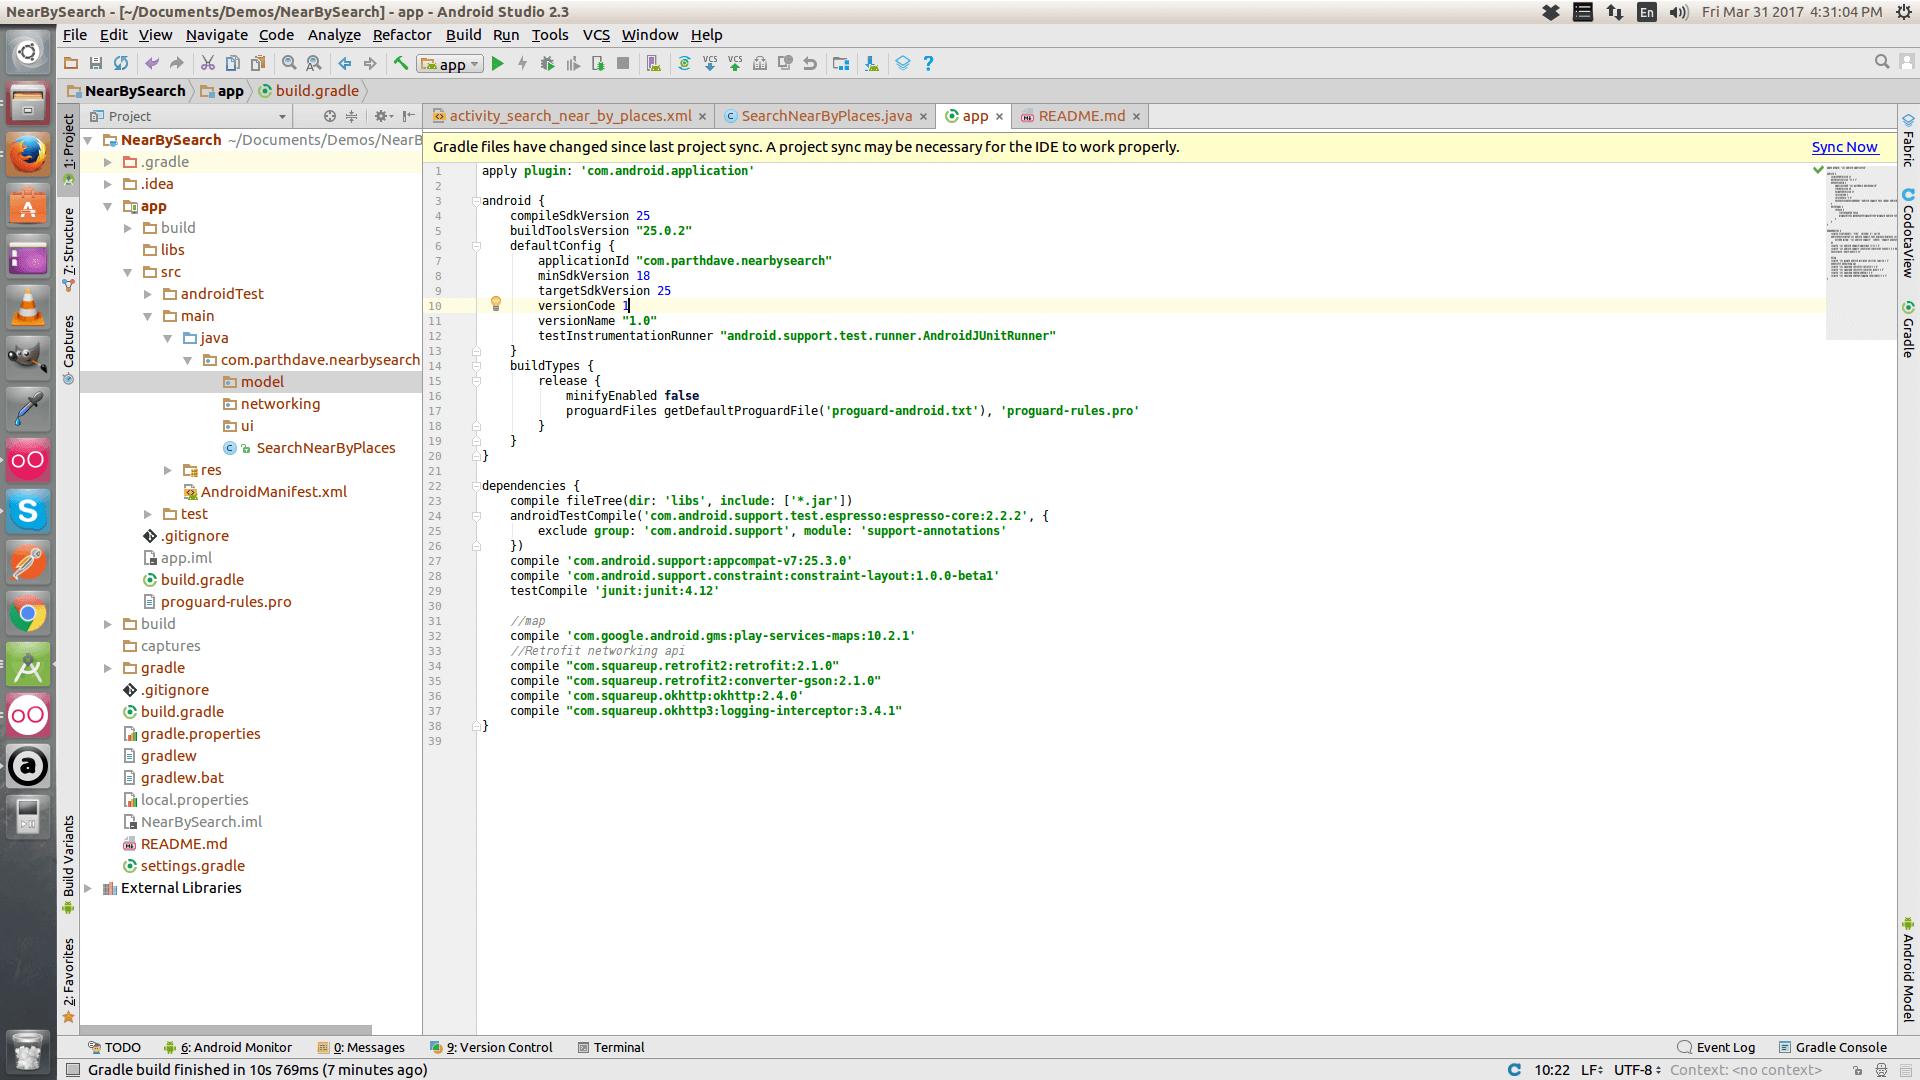 build_gradle